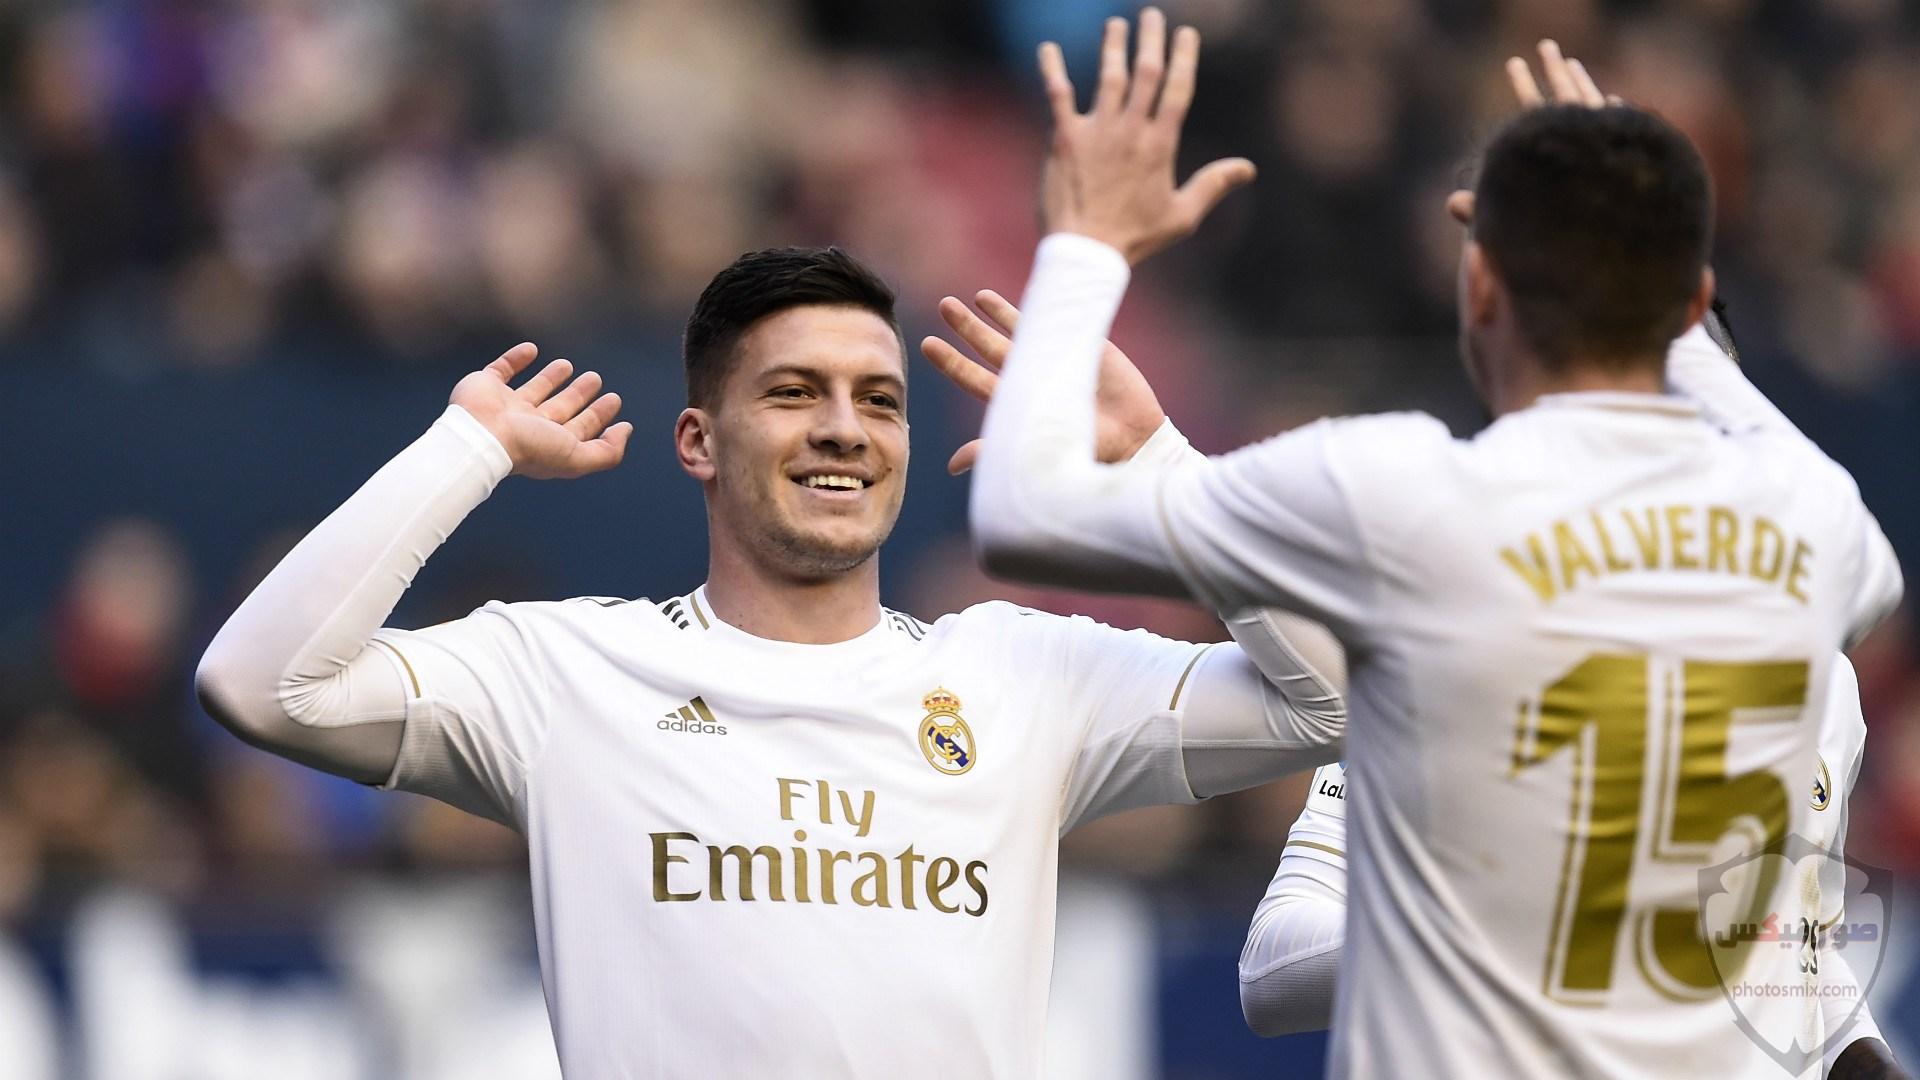 صور لاعبي ريال مدريد 51